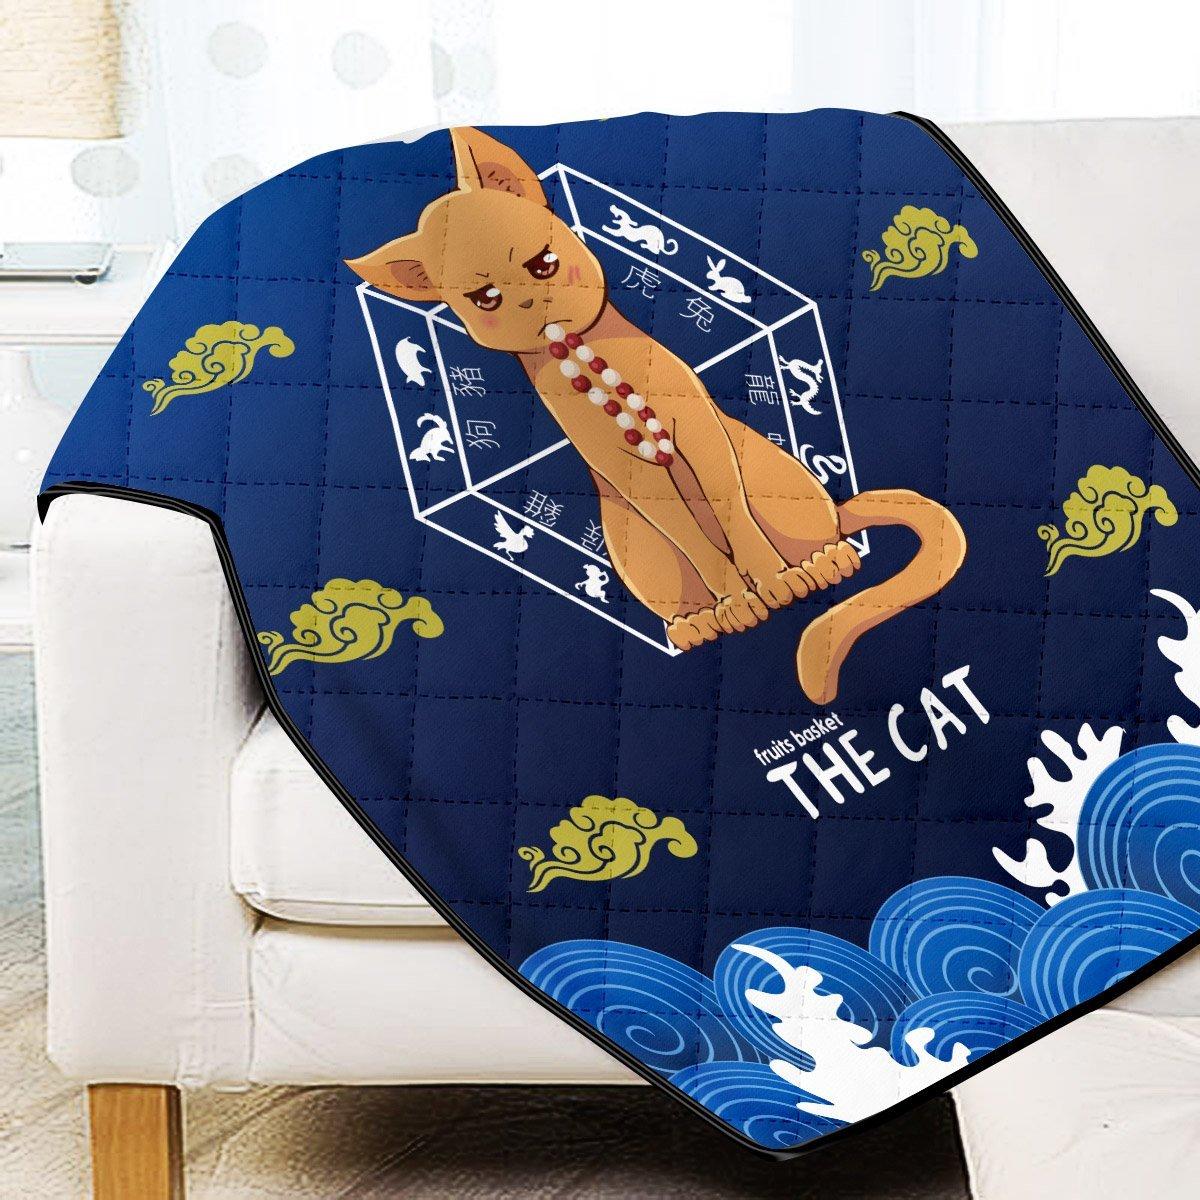 Kyo the Cat Quilt Blanket Official Merch FDM3009 Twin Official Otaku Treat Merch